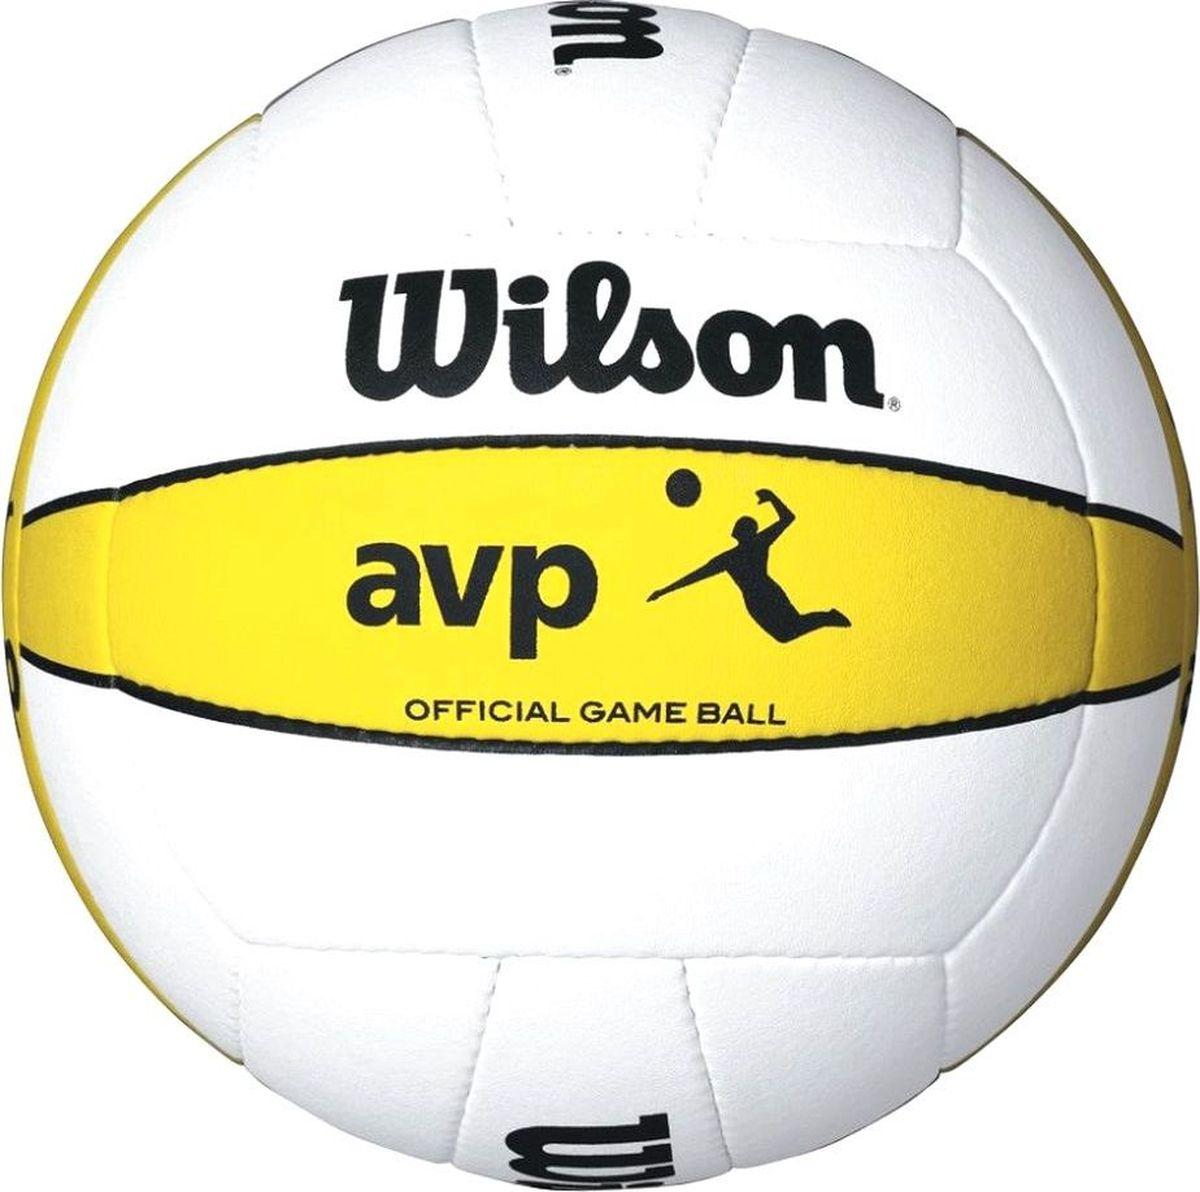 Мяч волейбольный Wilson AVP Official Game Ball, цвет: белый324214Официальный мяч профессиональной лиги пляжного волейбола. Преимум дизайн, лучшее вращение. Преимальная микро фибра и кожа создают невероятные ощущения мягкости при касании. 18-панельный, ручная работа. Создан по высшим стандартам.